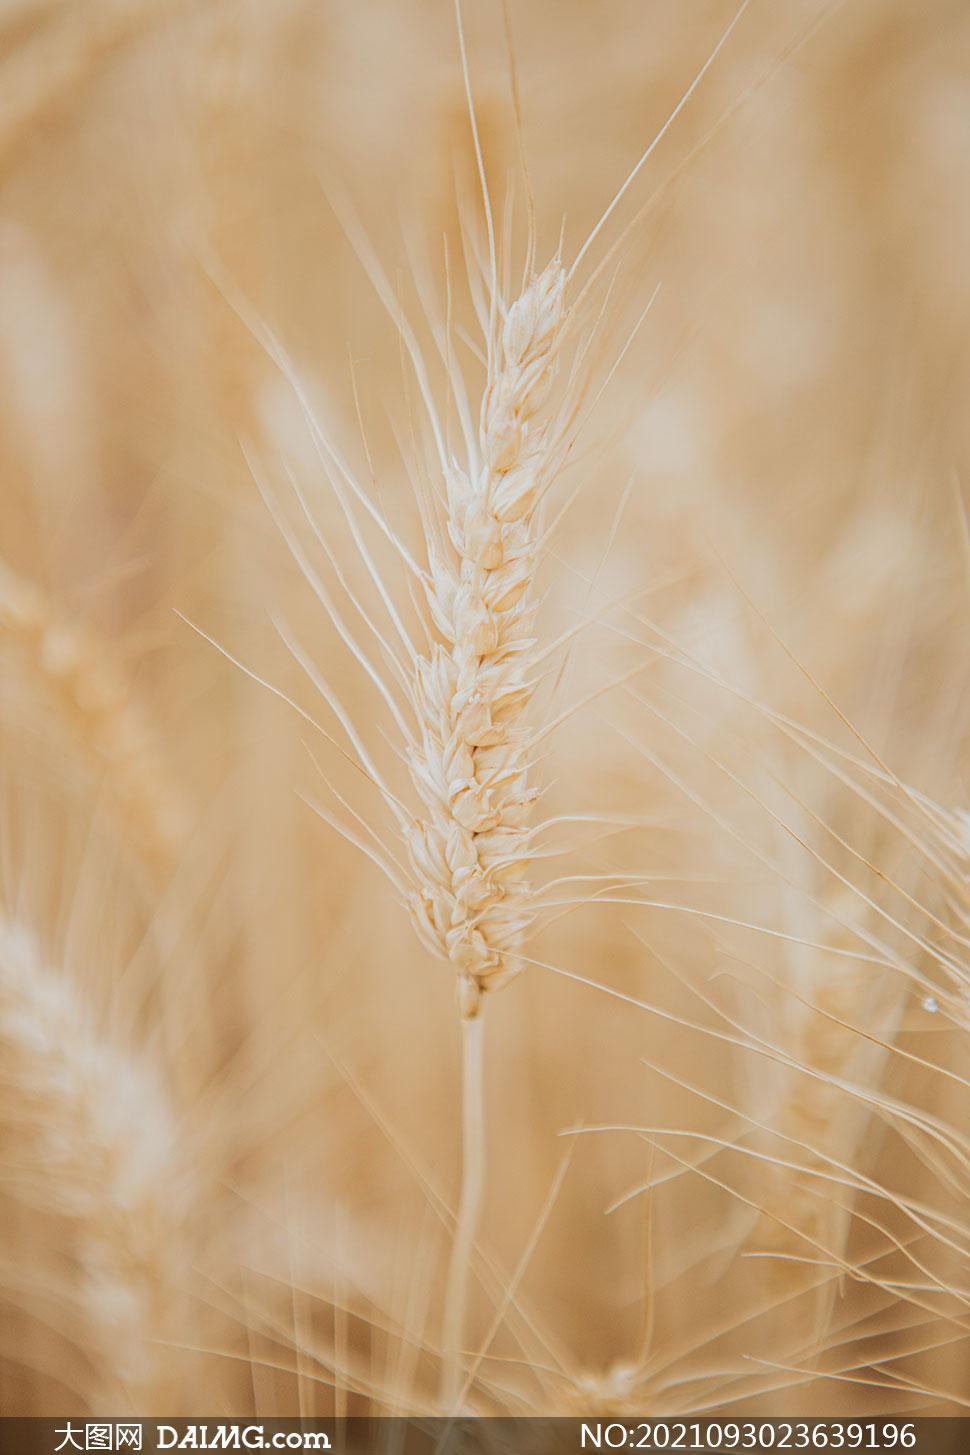 田地里的麦穗近景特写摄影高清图片